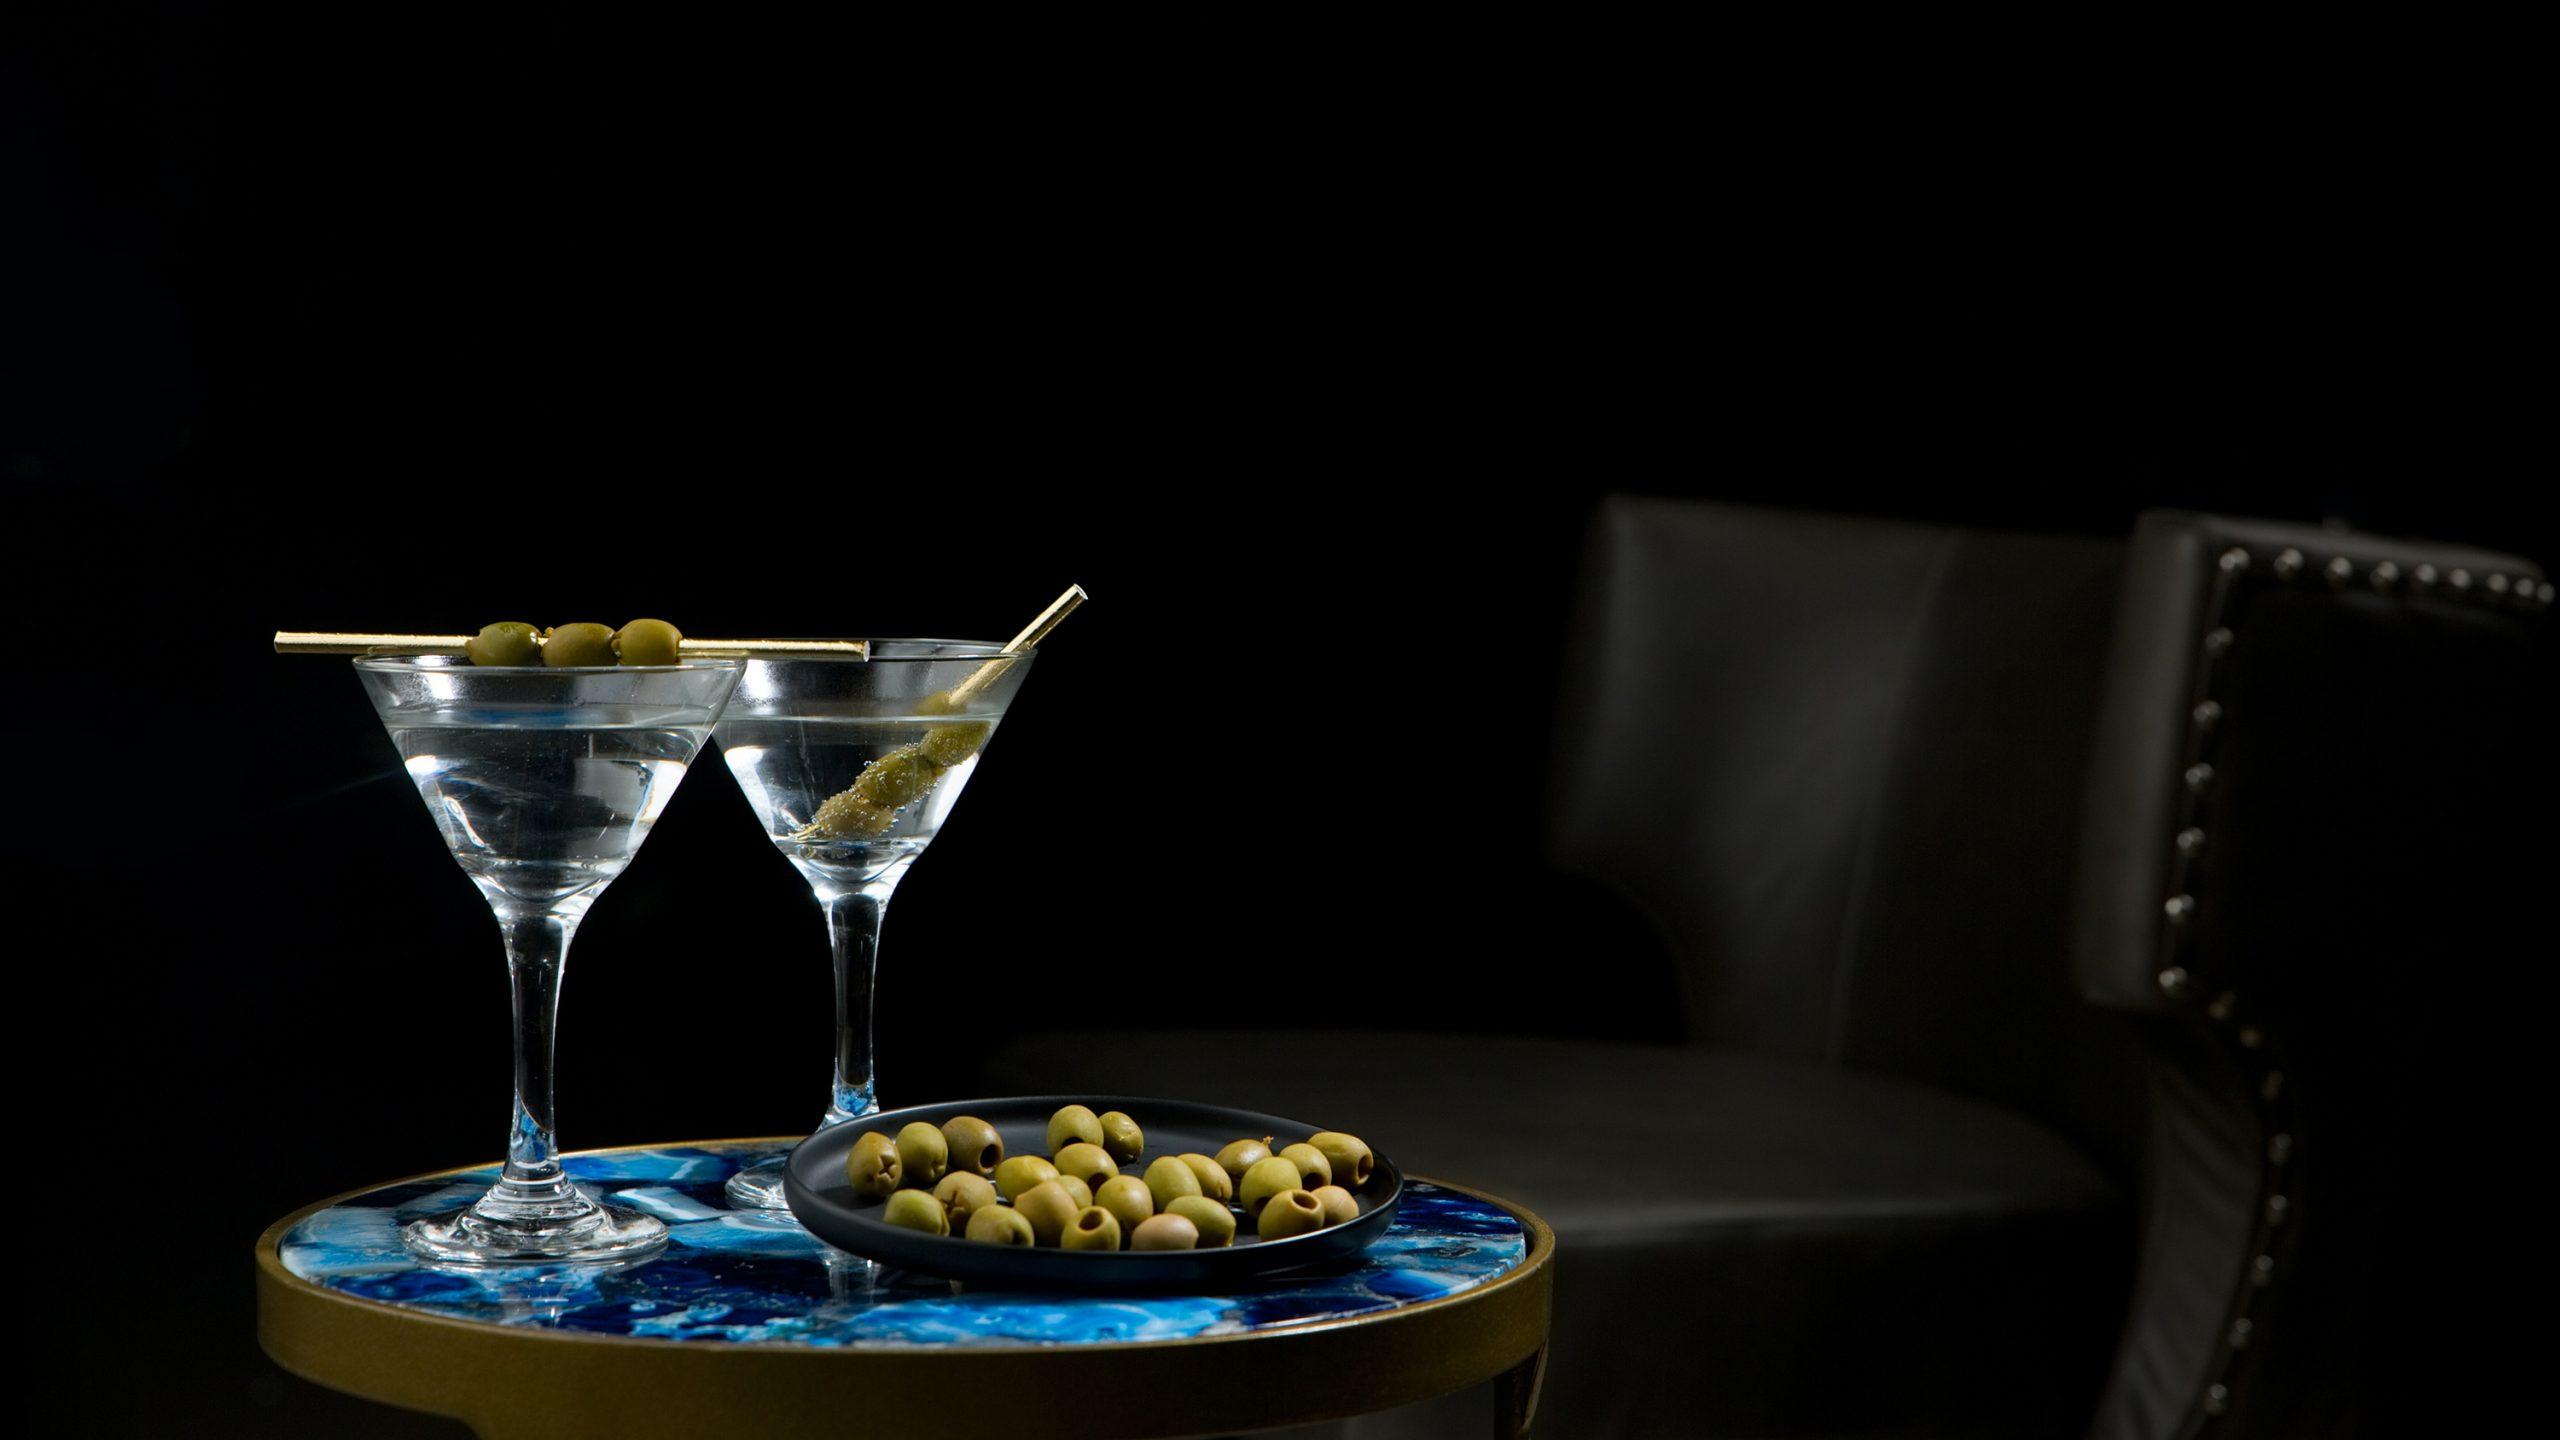 National Vodka Day 2020 aditya-saxena-E0ylYi5fGaU-unsplash